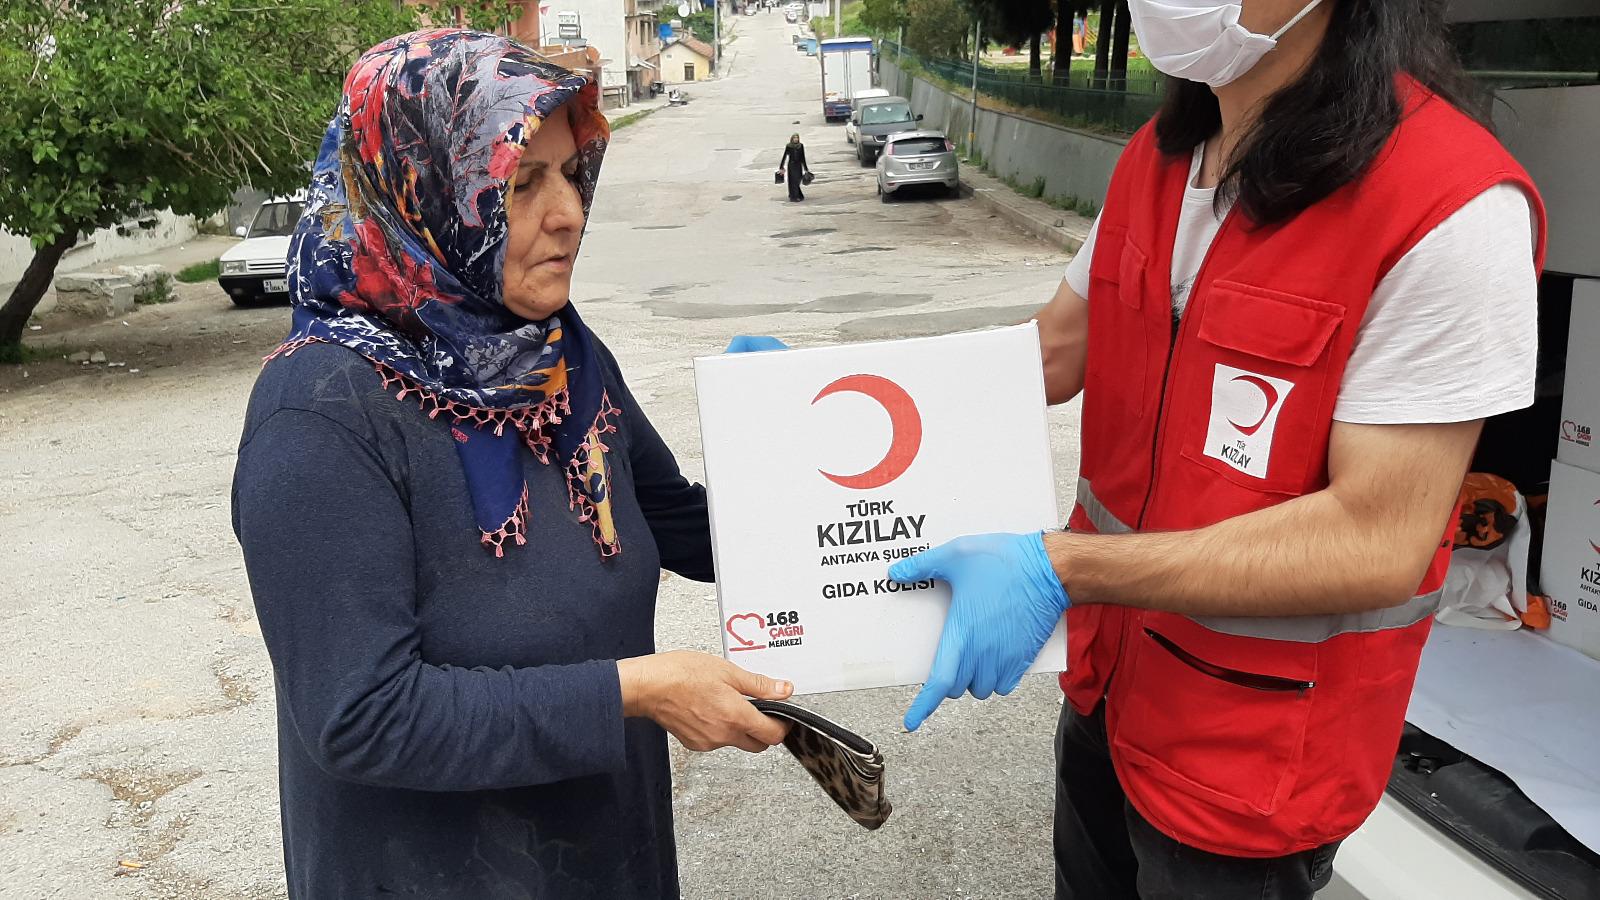 Türk Kızılayı Antakya Şubesi Halkın Yanında Olmaya Devam Ediyor